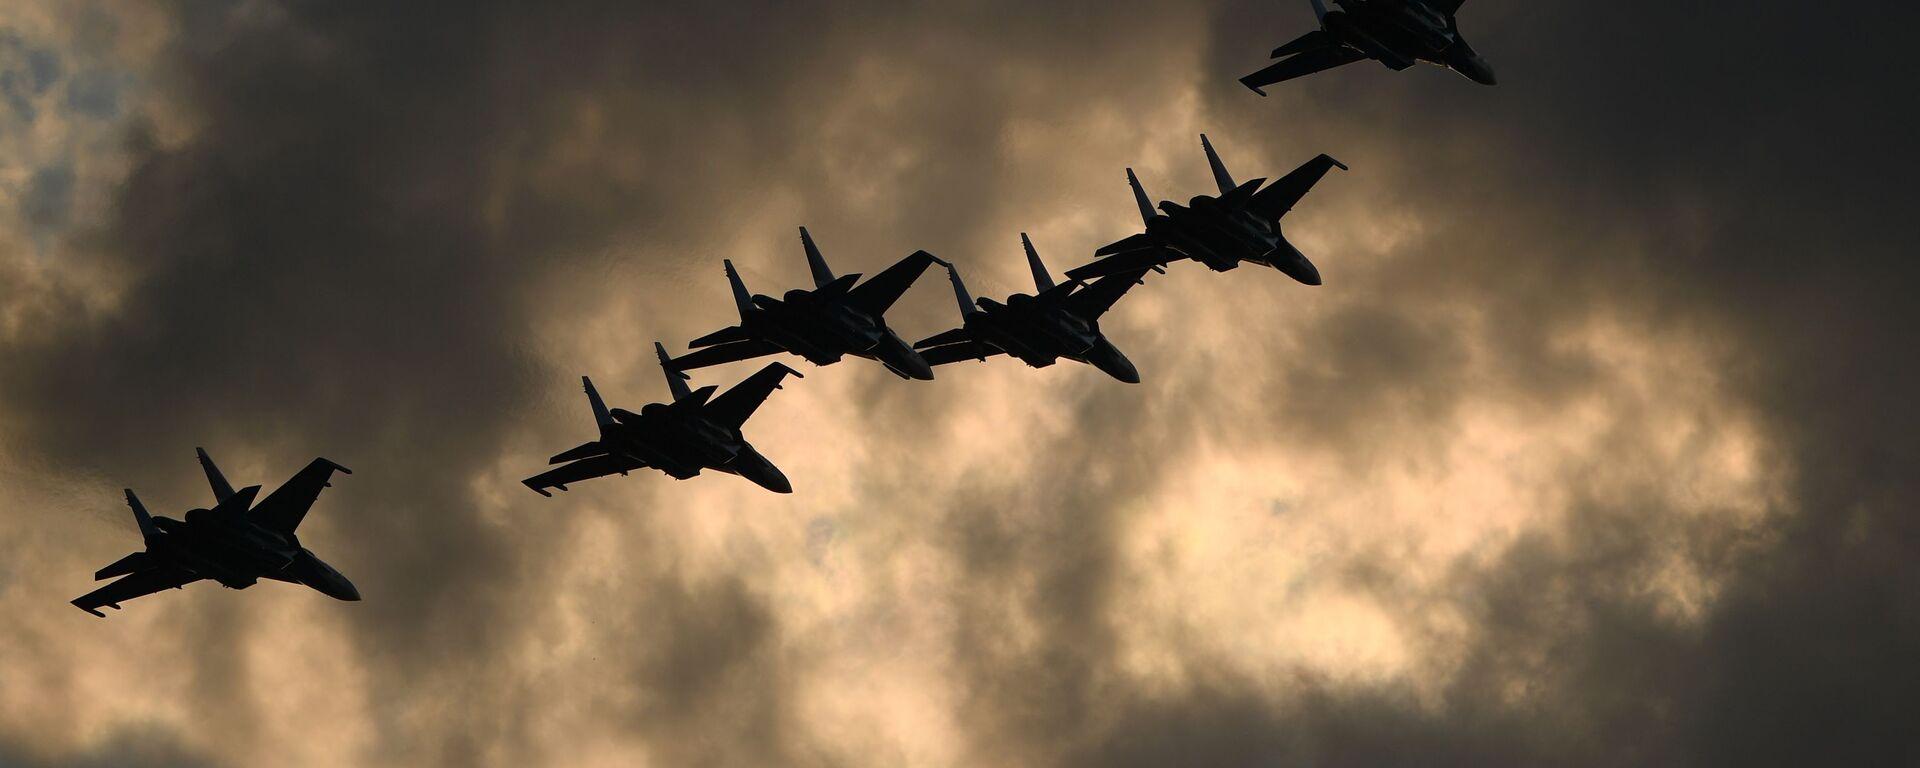 Пилотажная группа Русские витязи на самолетах Су-30СМ  во время выполнения летной программы на МАКС-2021 - Sputnik Узбекистан, 1920, 29.07.2021